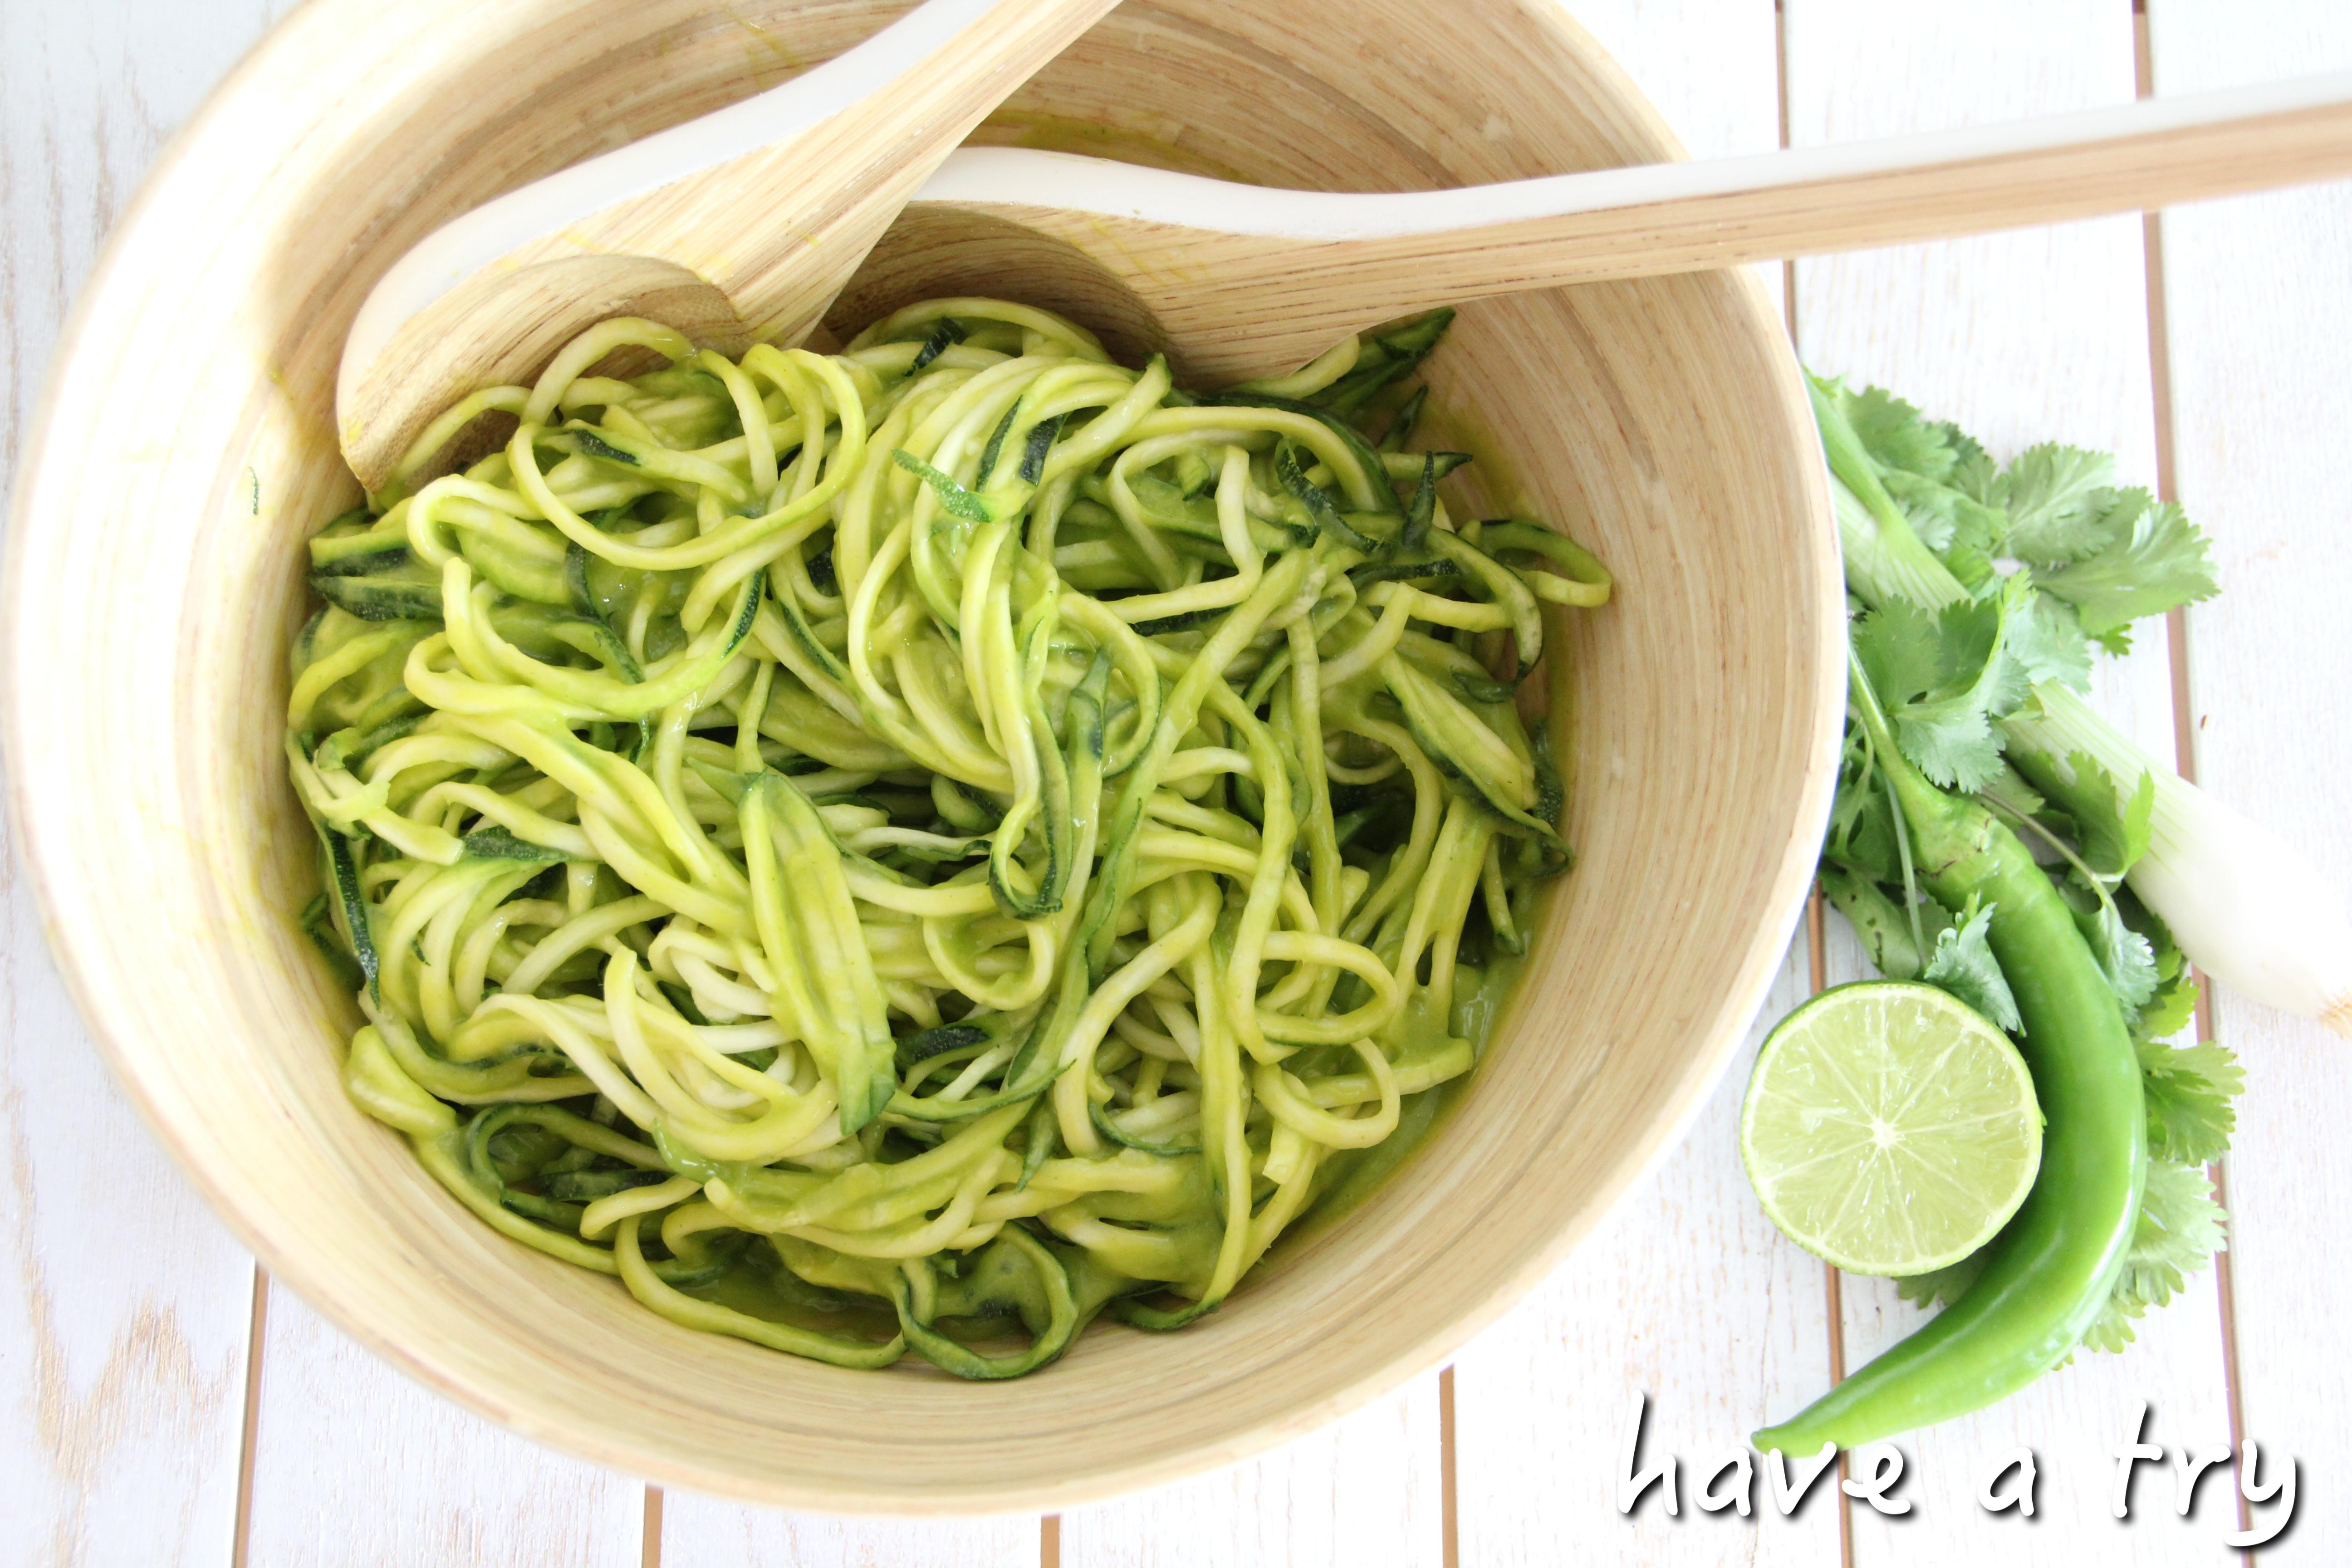 rezepte zucchini roh gesundes essen und rezepte foto blog. Black Bedroom Furniture Sets. Home Design Ideas